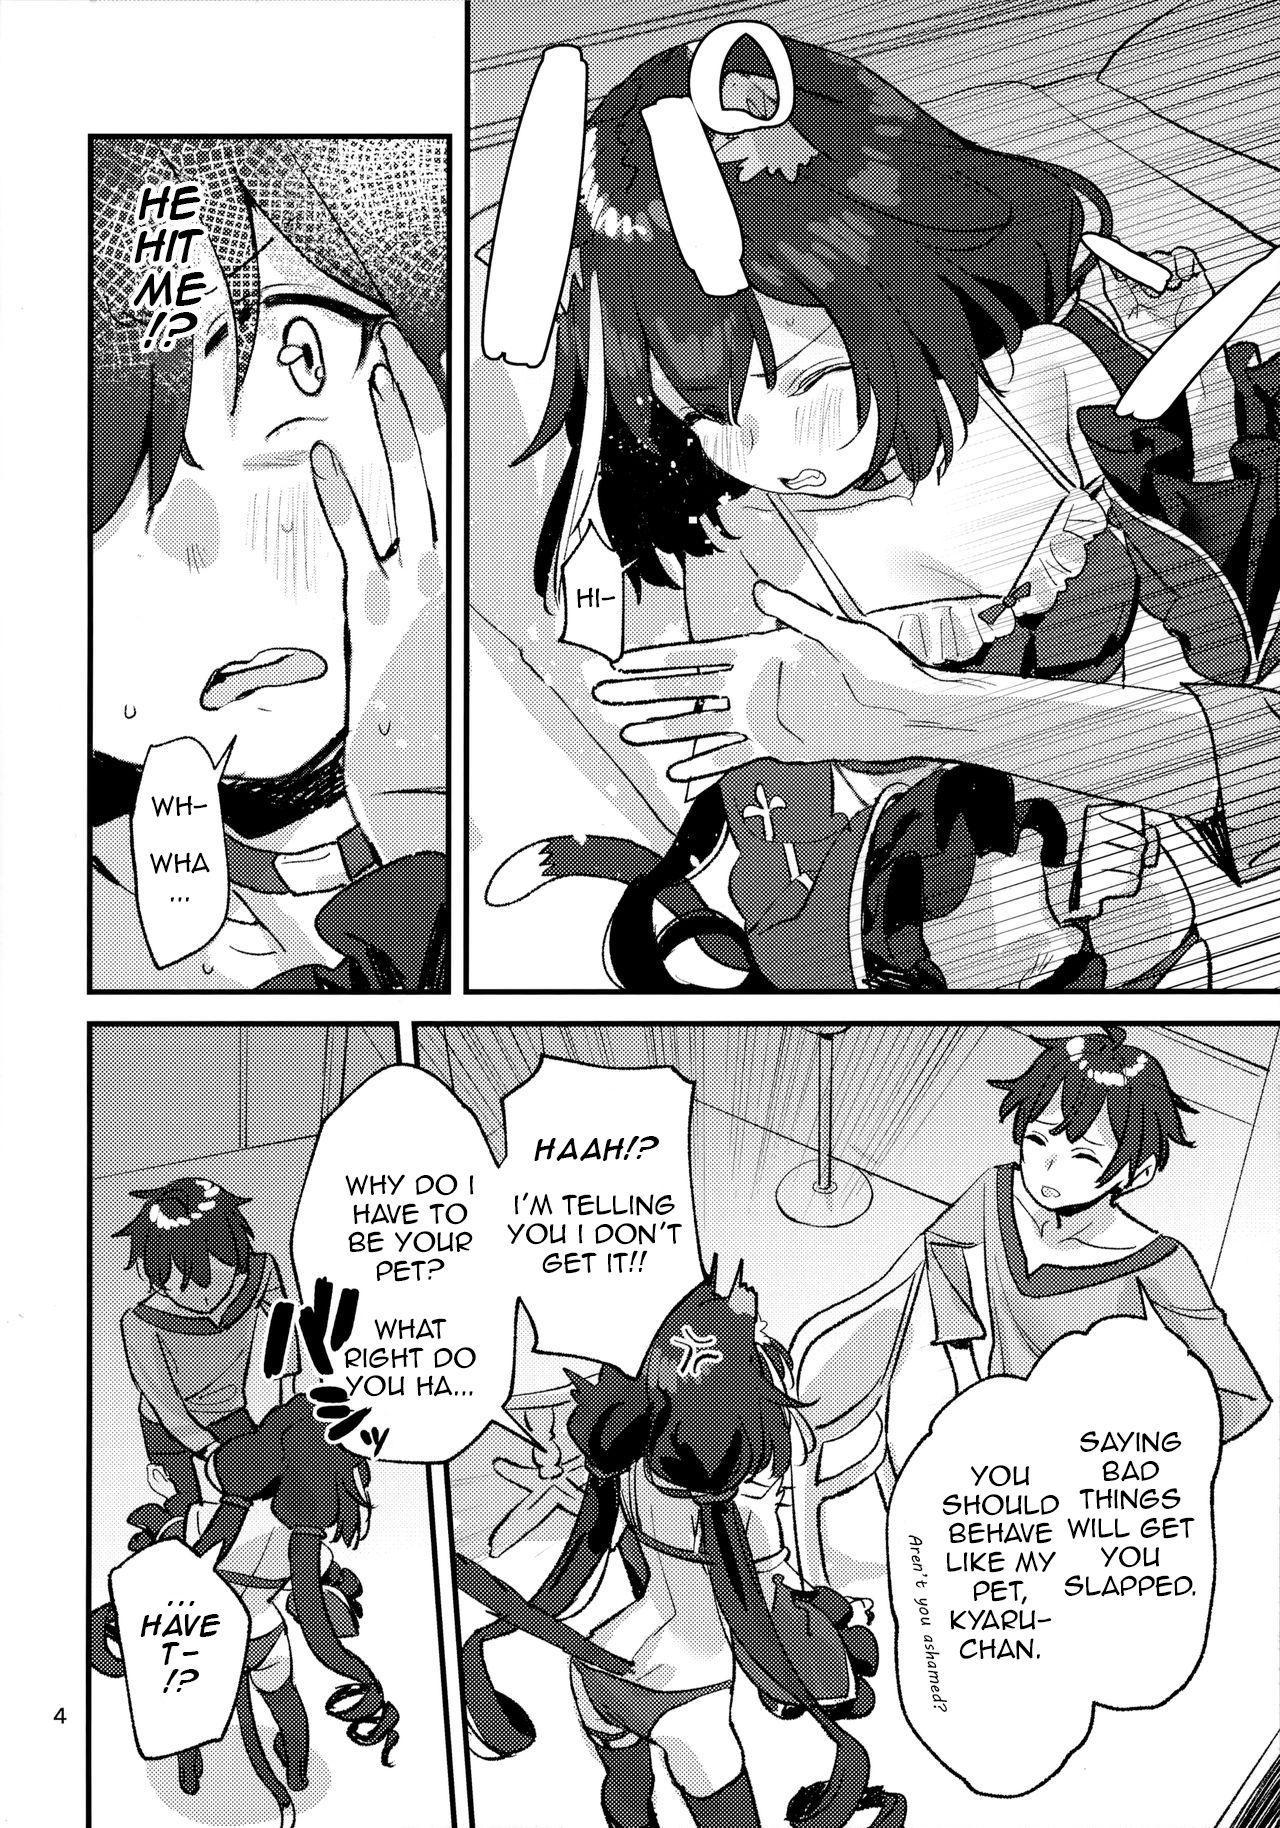 (C97) [Subachikyu! (Subachi)] Datte Kyaru-chan Uragirimono da yo ne | Because Kyaru-chan is a traitor (Princess Connect! Re:Dive) [English] [ekiB] 2